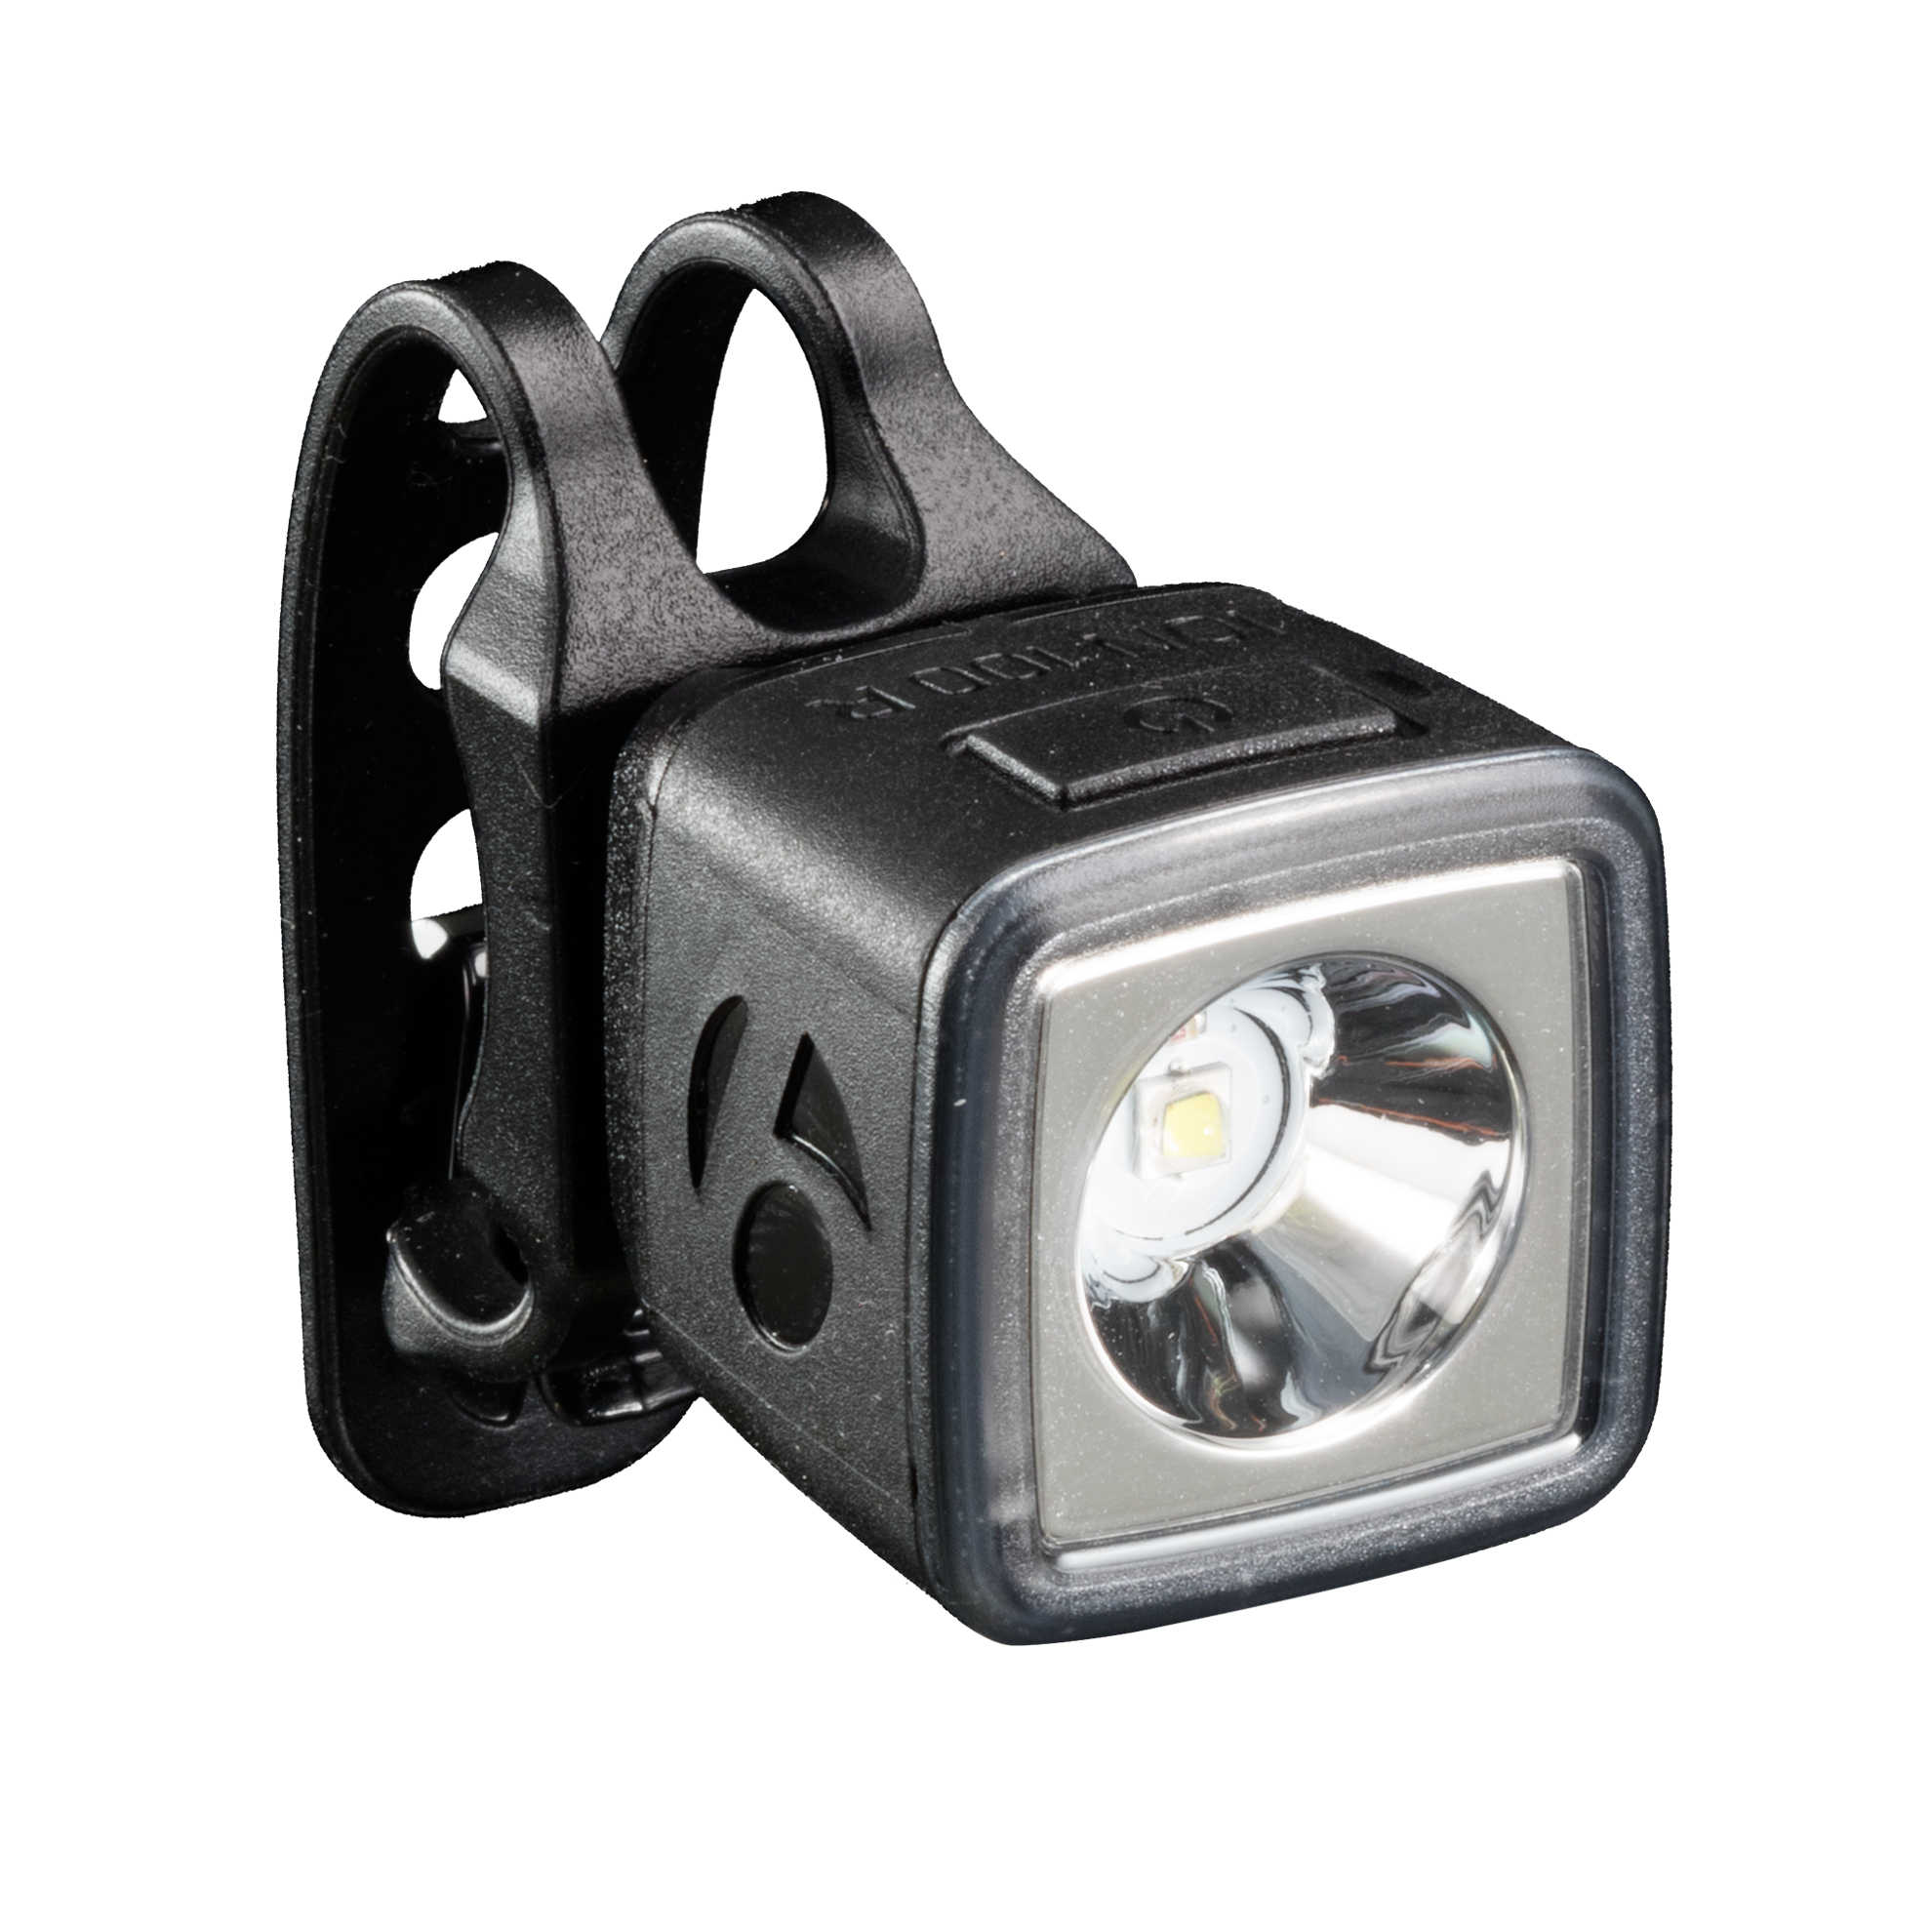 ION 100 R FT (Accessoires Électroniques, Lumières)ION 100 R FT (Accessoires Électroniques, Lumières)